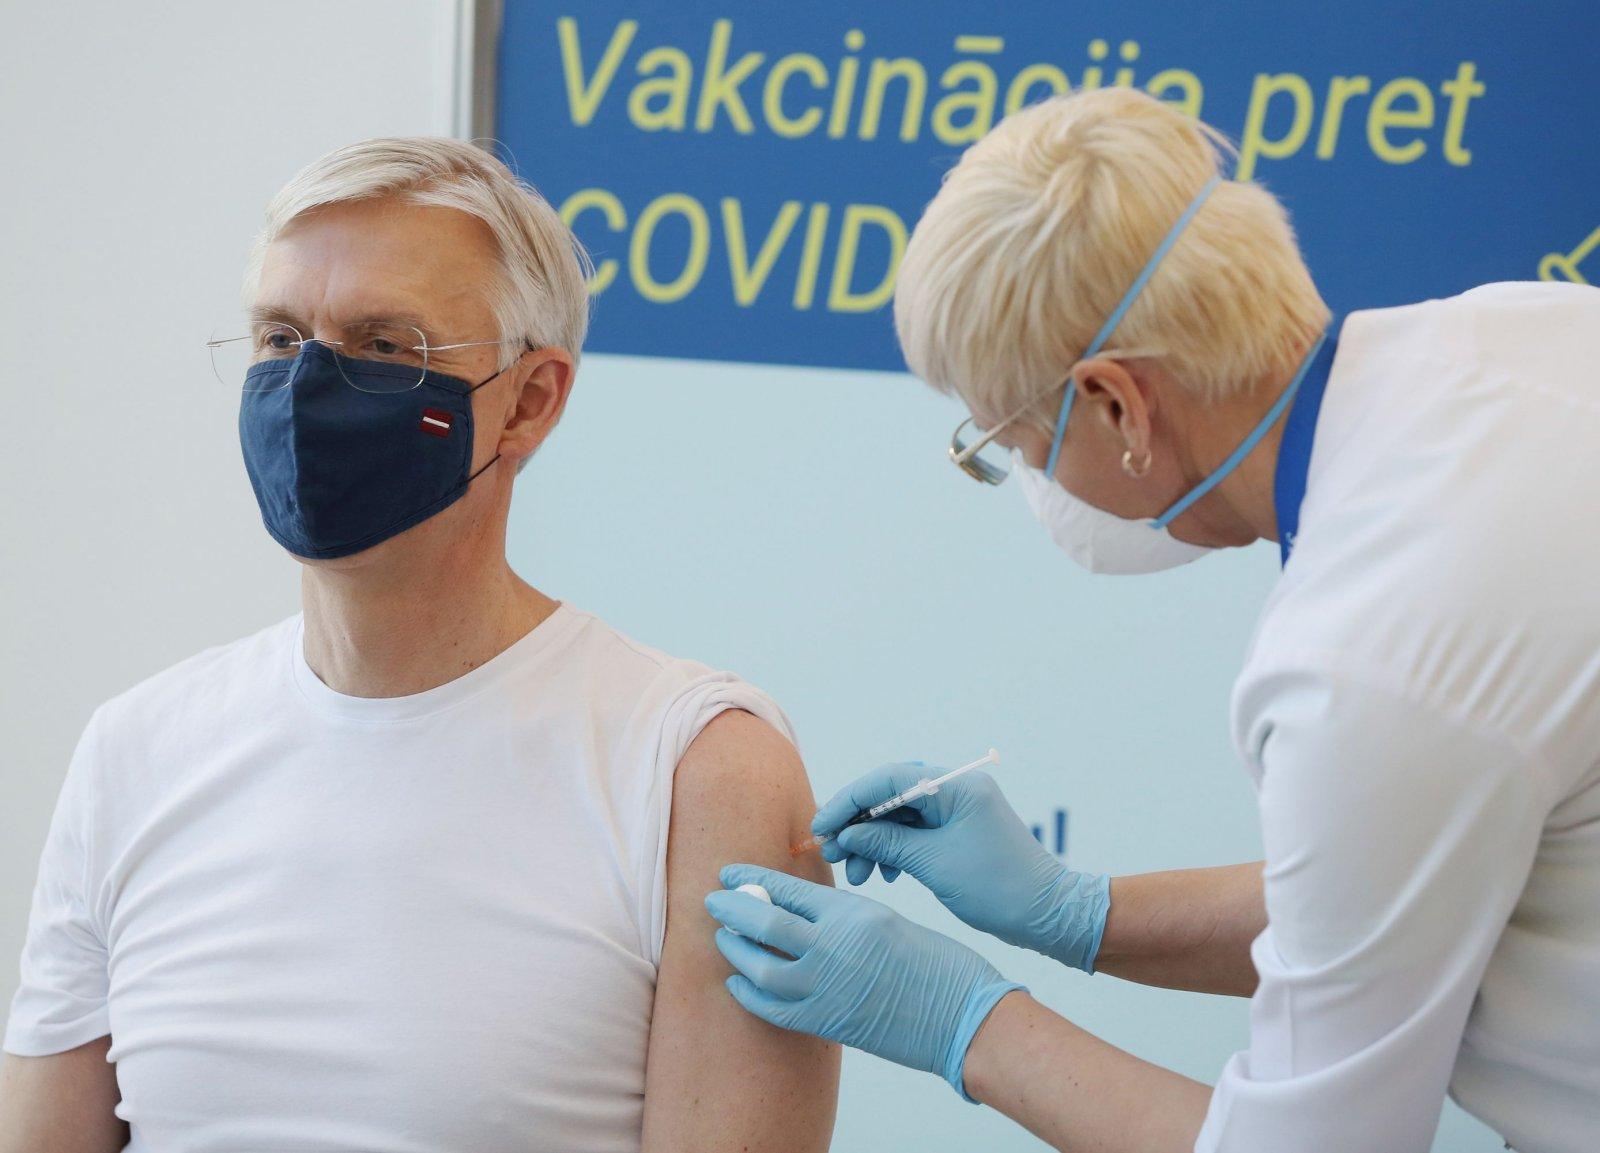 Lätis tegeleb vaktsineerimise korraldamisega eraldi büroo, mida juhib laulu- ja tantsupidude korraldusjuht: